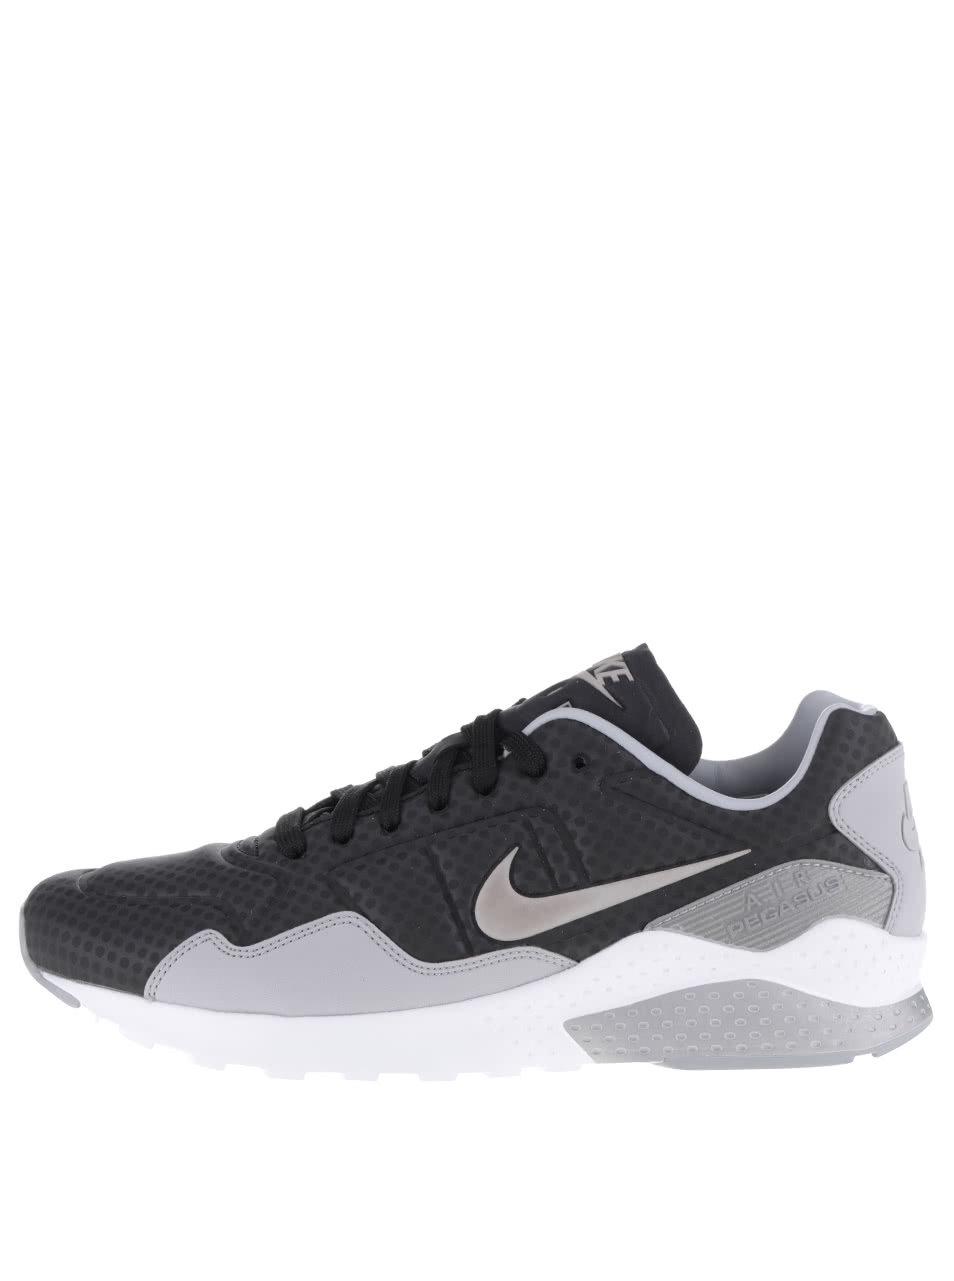 Sivé vzorované pánske tenisky Nike Air zoom Pegasus ... b364c9f20fe